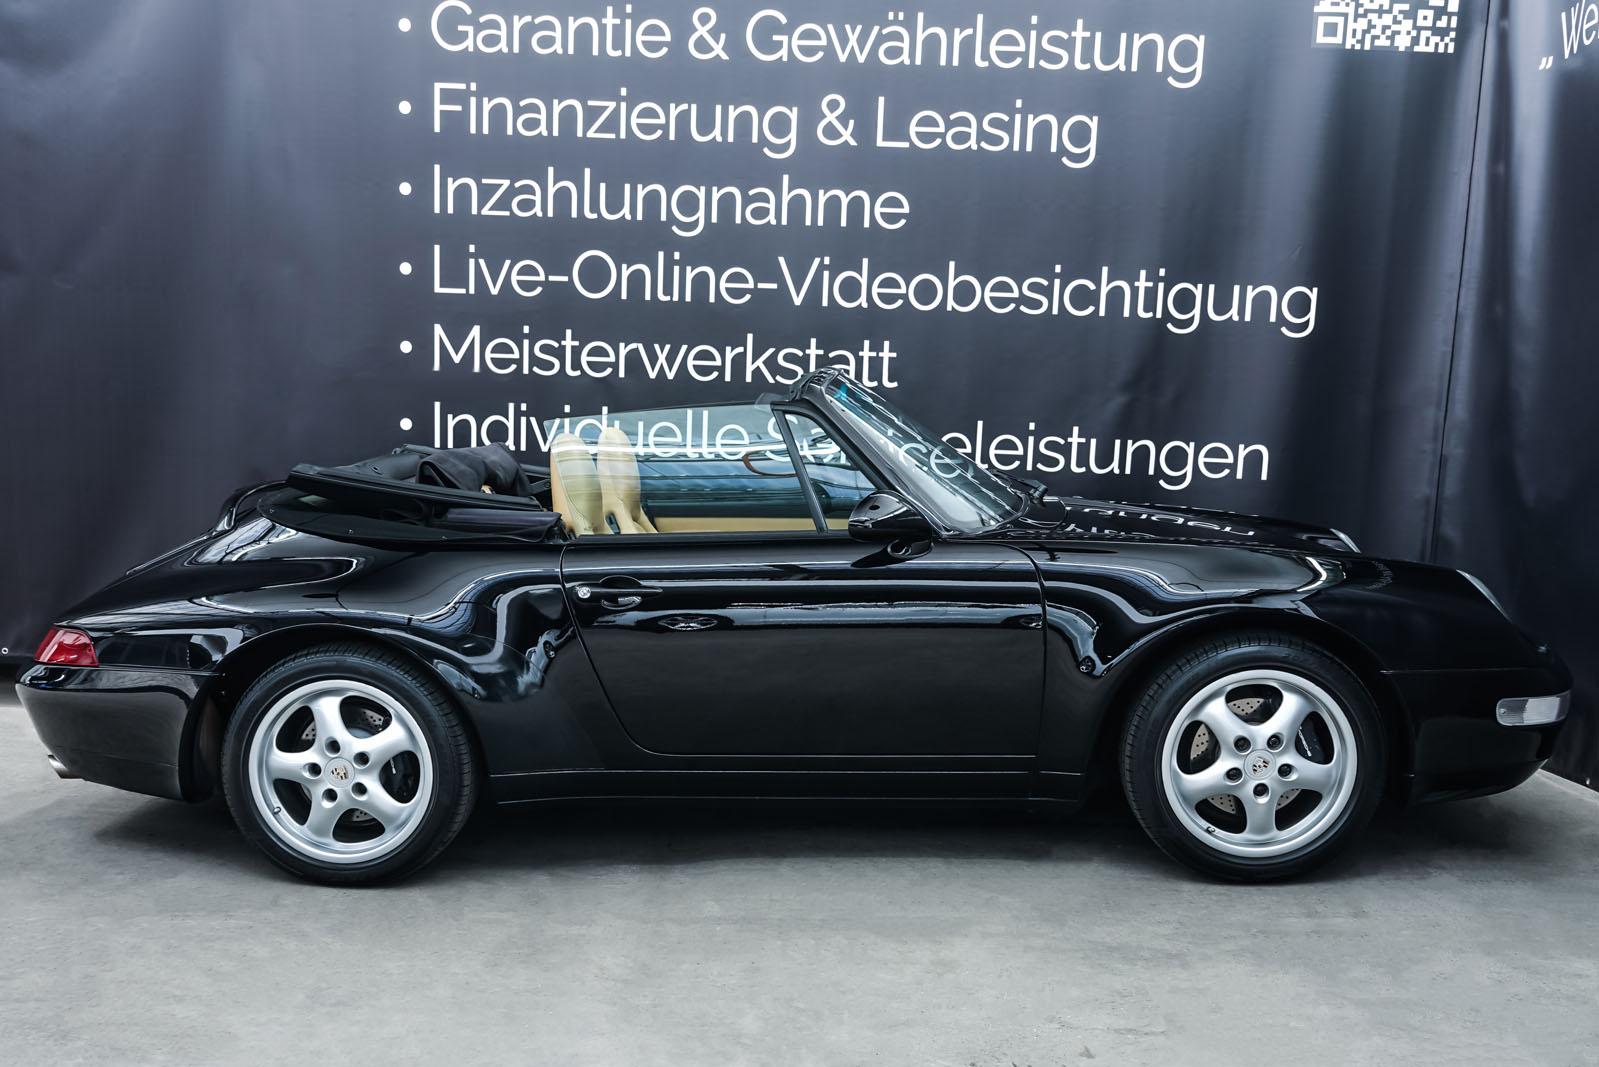 Porsche_993_C2_Cabrio_Schwarz_Beige_POR-0137_18_w